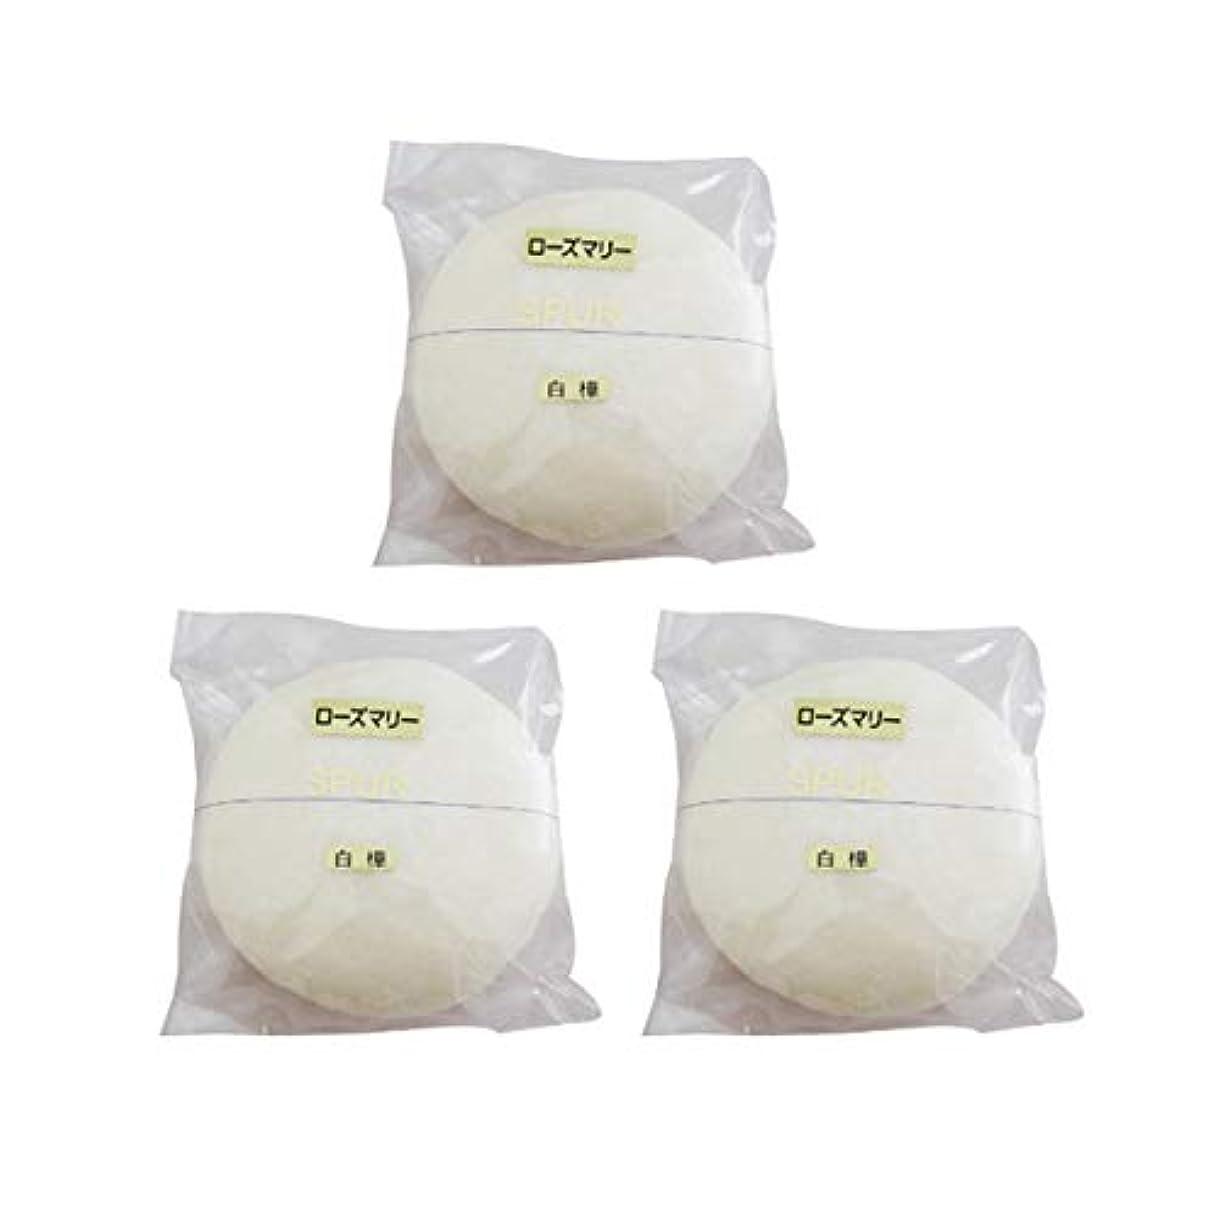 分注する可愛い患者ハーブ研究所 山澤清の香草石鹸(白樺樹液練り)ローズマリー(70g×3個)3個セット 無添加ローズマリー石鹸